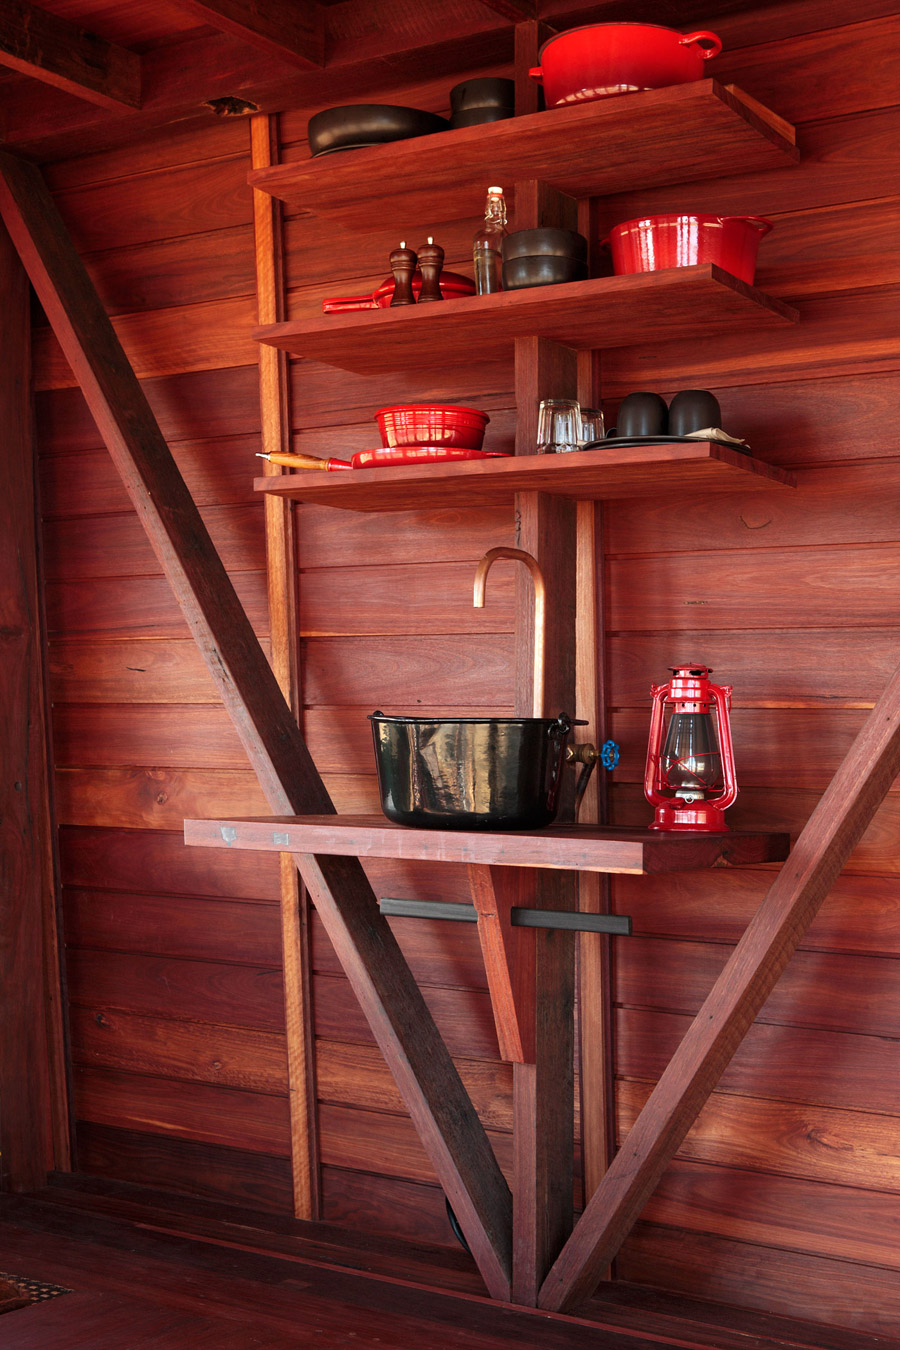 mudgee-hut-casey-brown-architecture-4